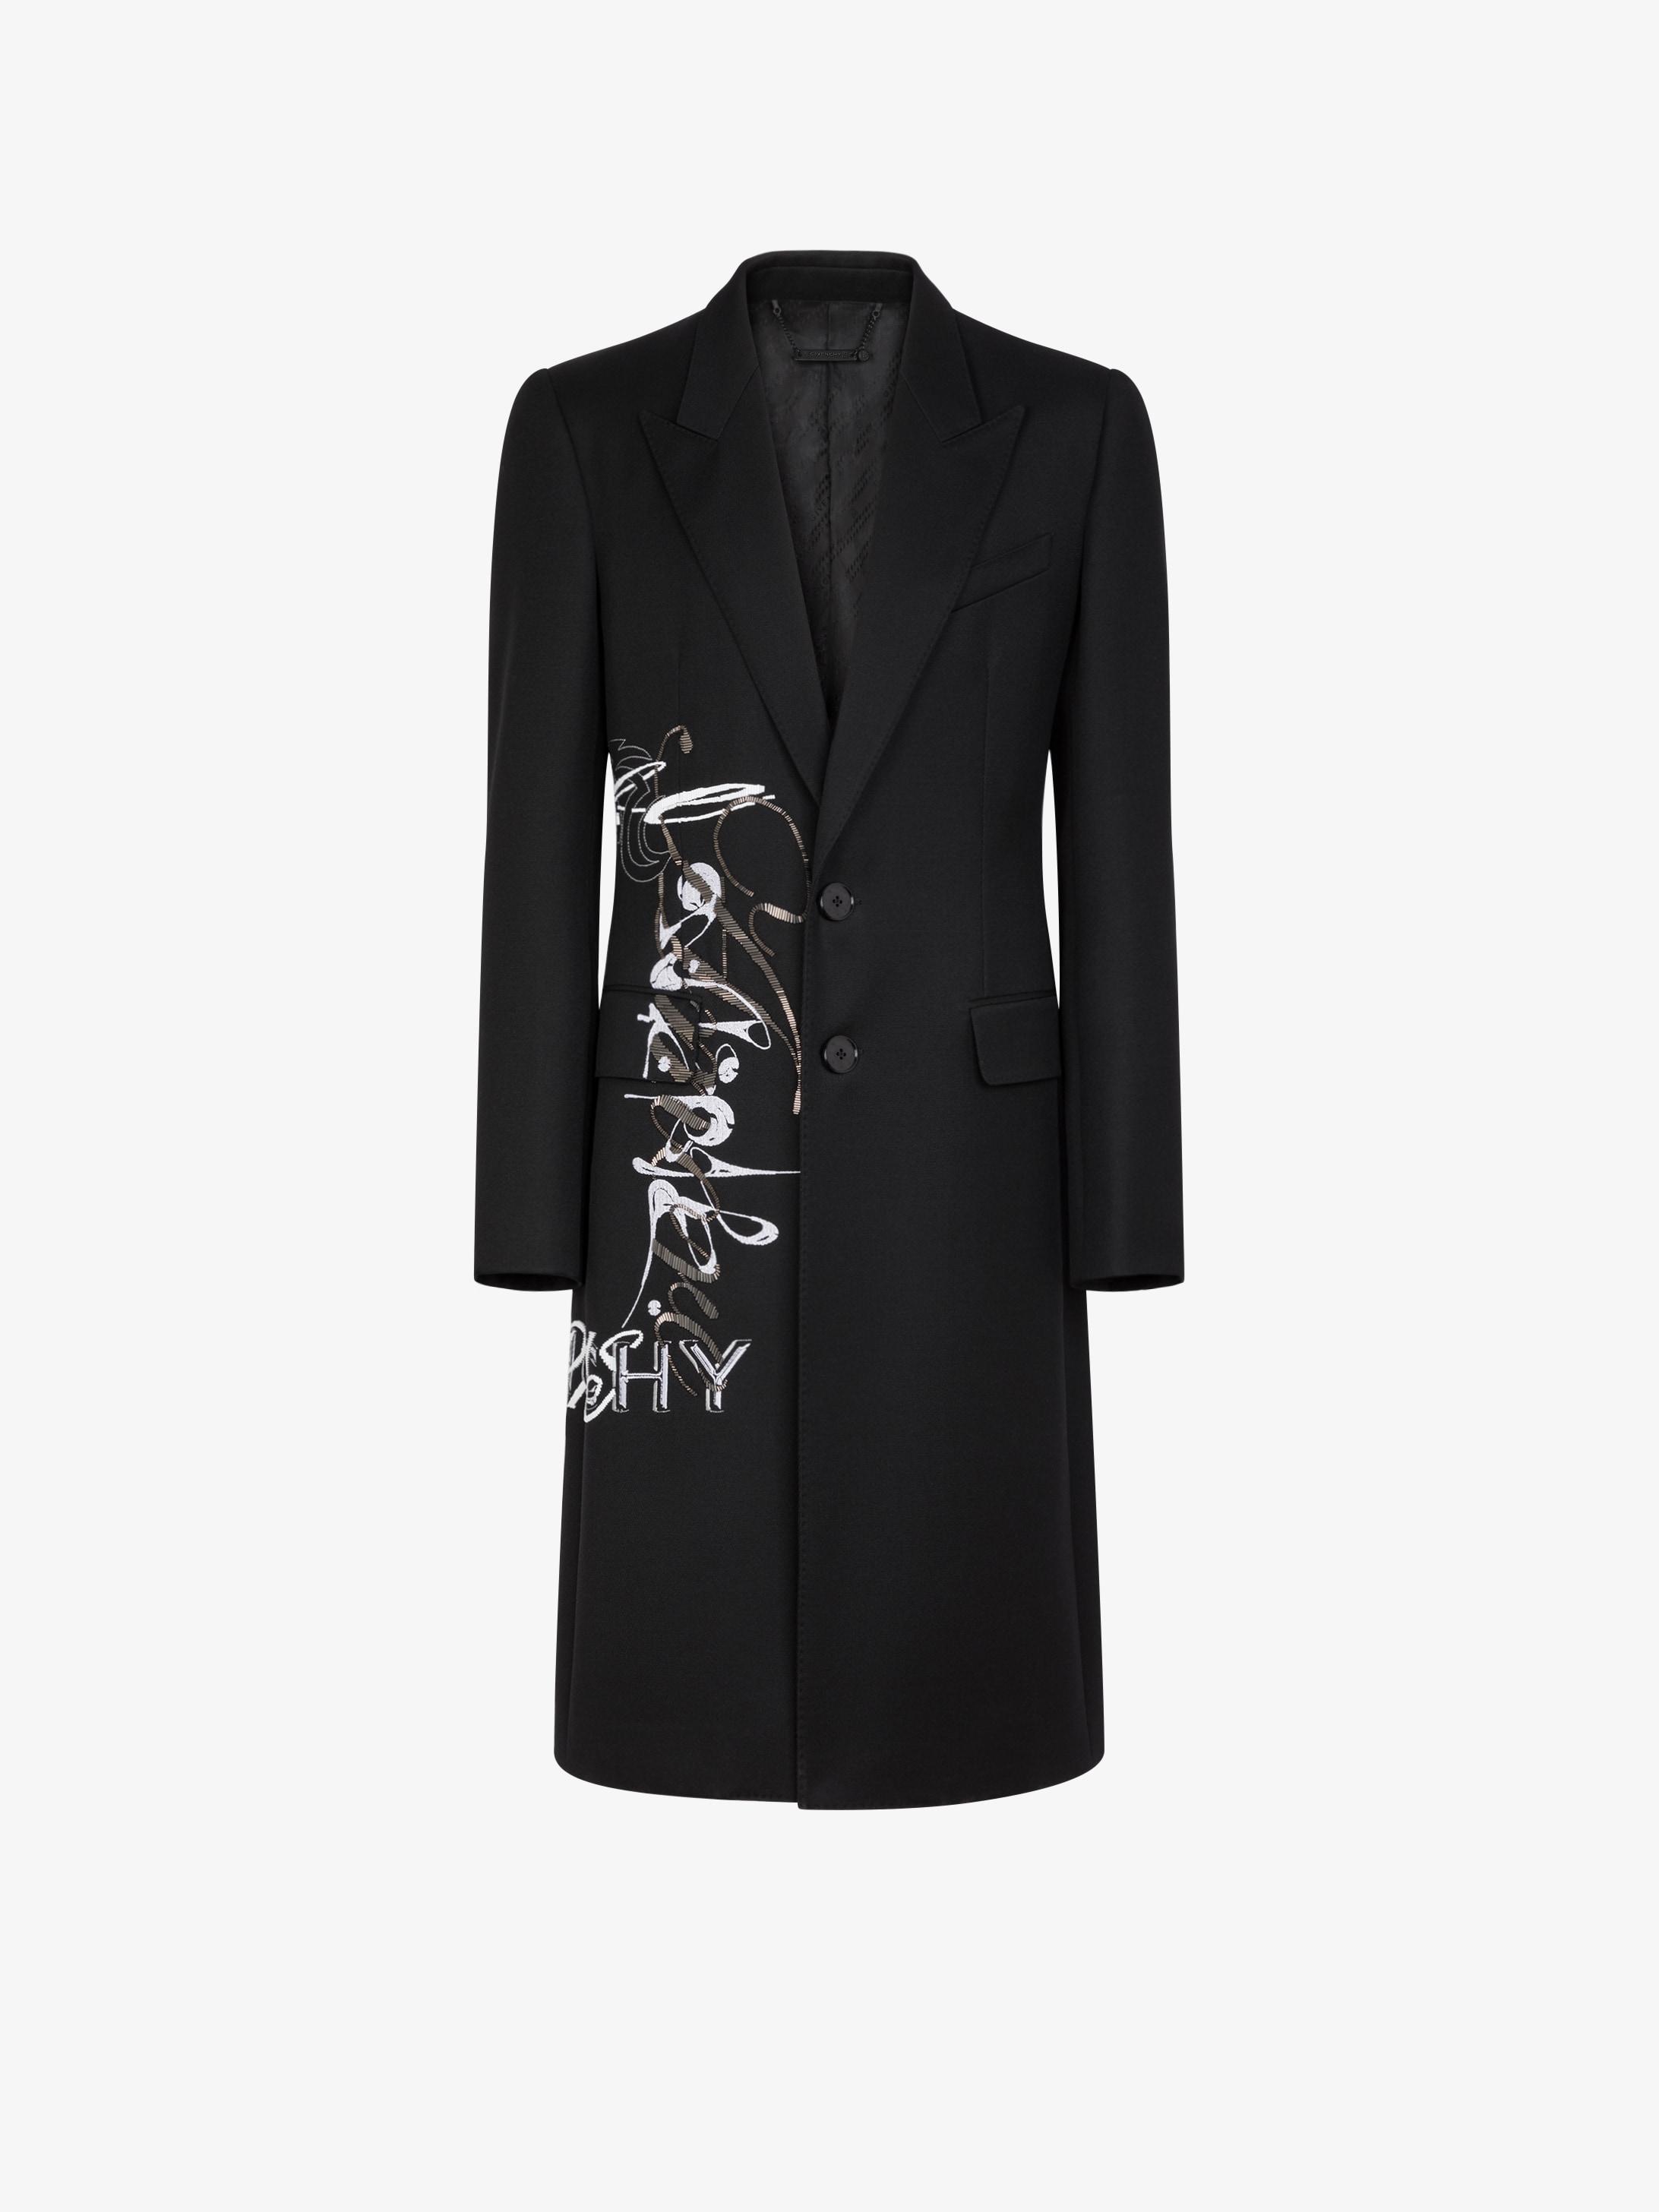 Manteau en laine japonaise à broderie calligraphique